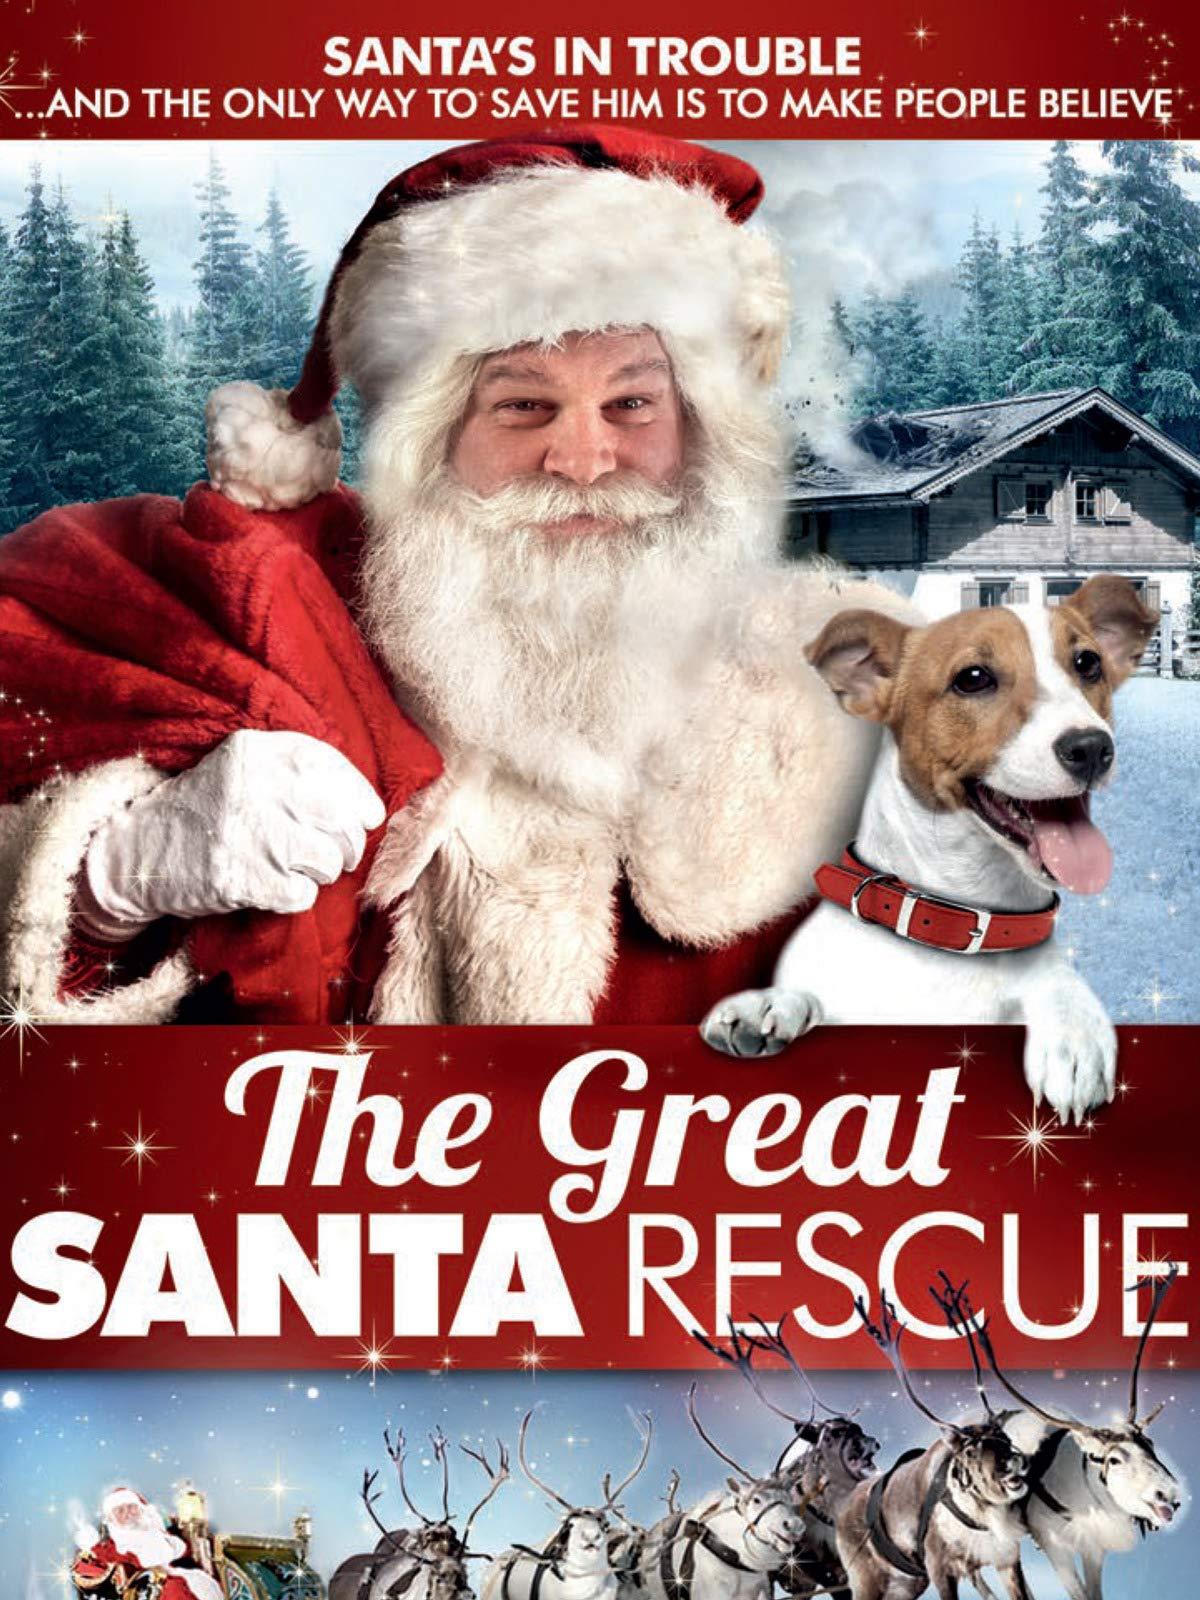 The Great Santa Rescue